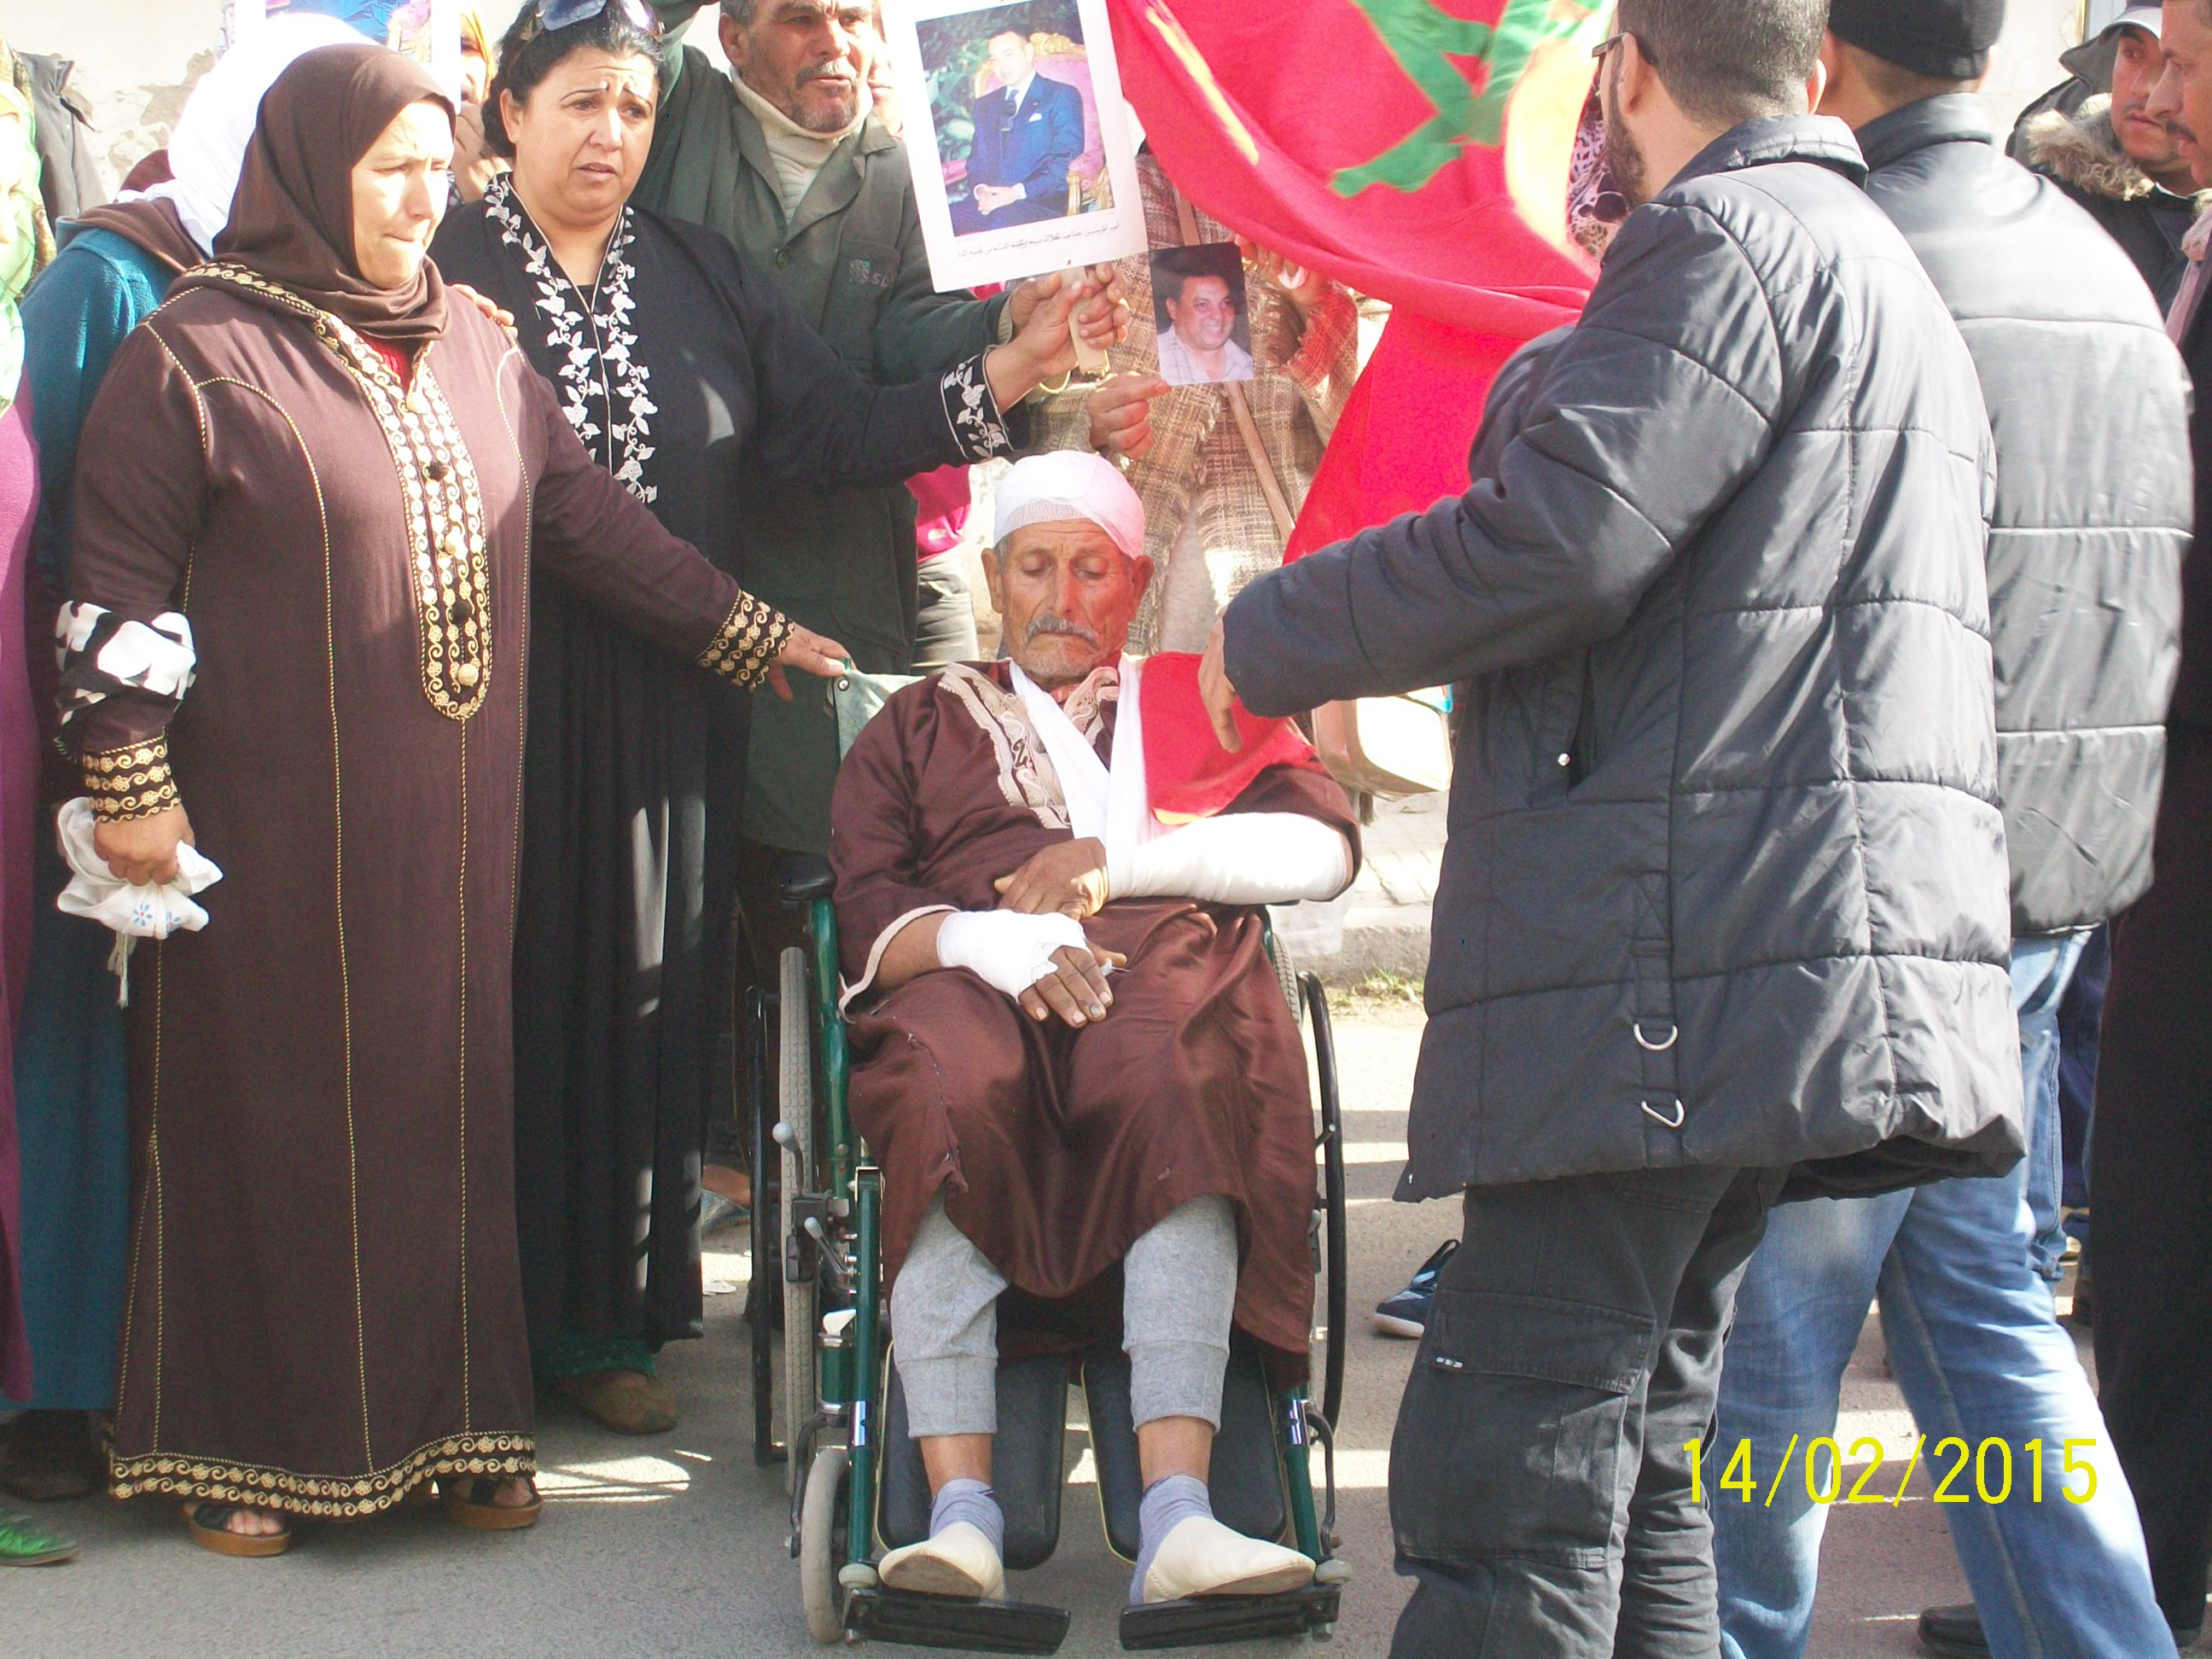 مستشار جماعي بسيدي اعلي بن حمدوش يعتدي على مسن